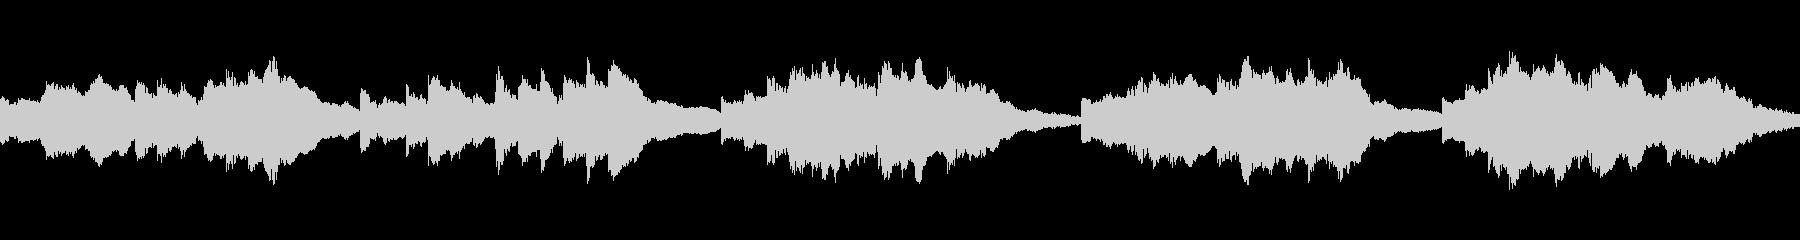 東洋と西洋の音を絶妙に合わせた美しい音楽の未再生の波形